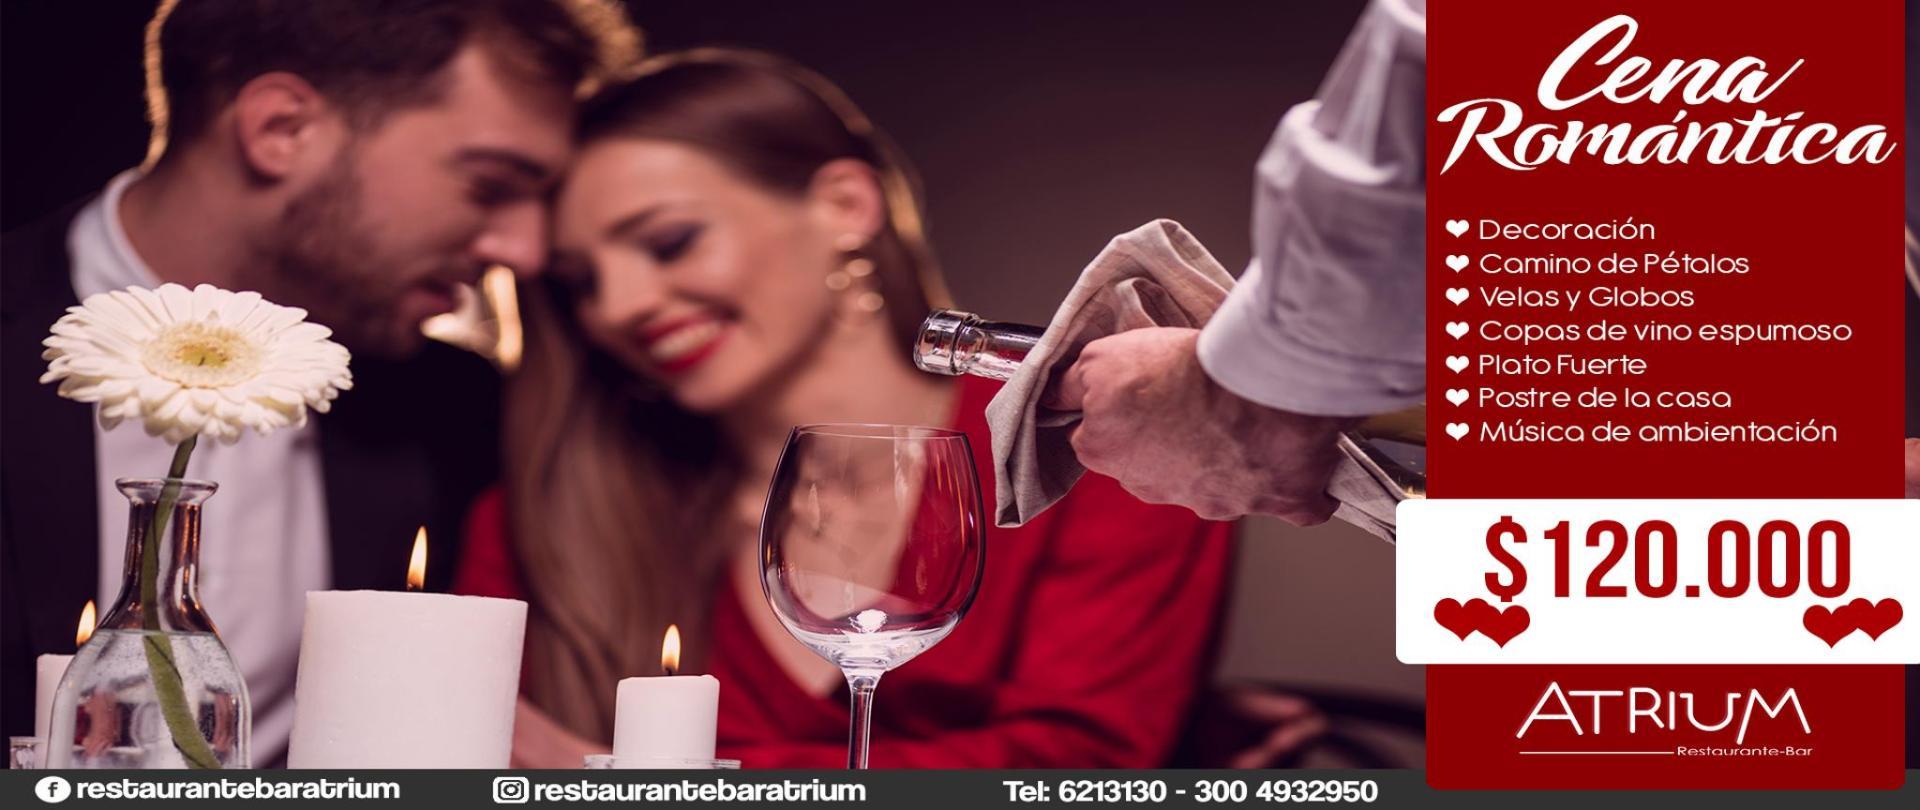 cena-romantica-nueva.png